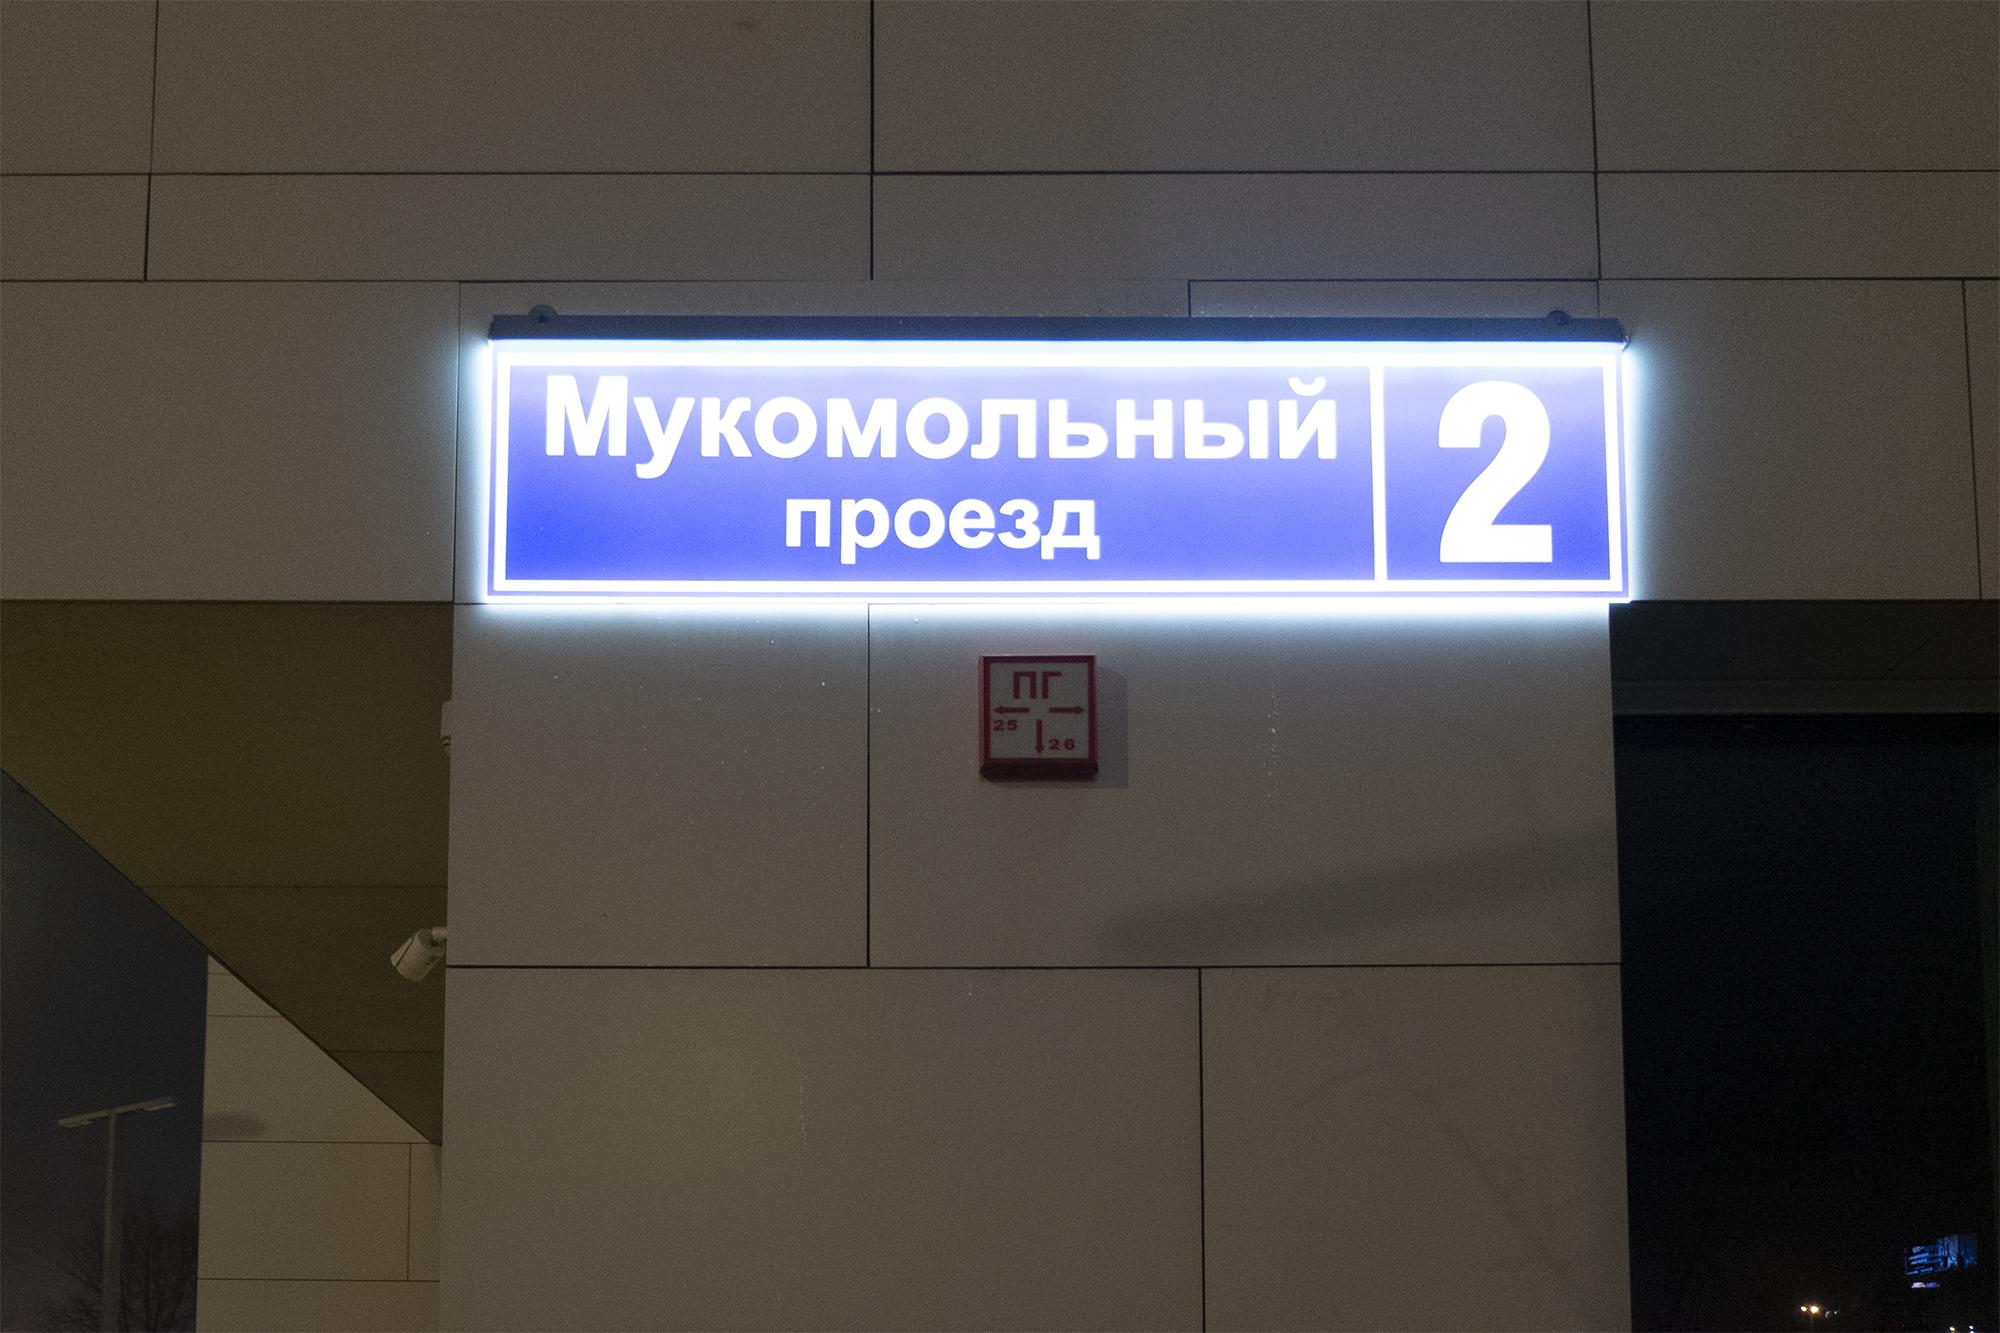 Этим москвичам повезло